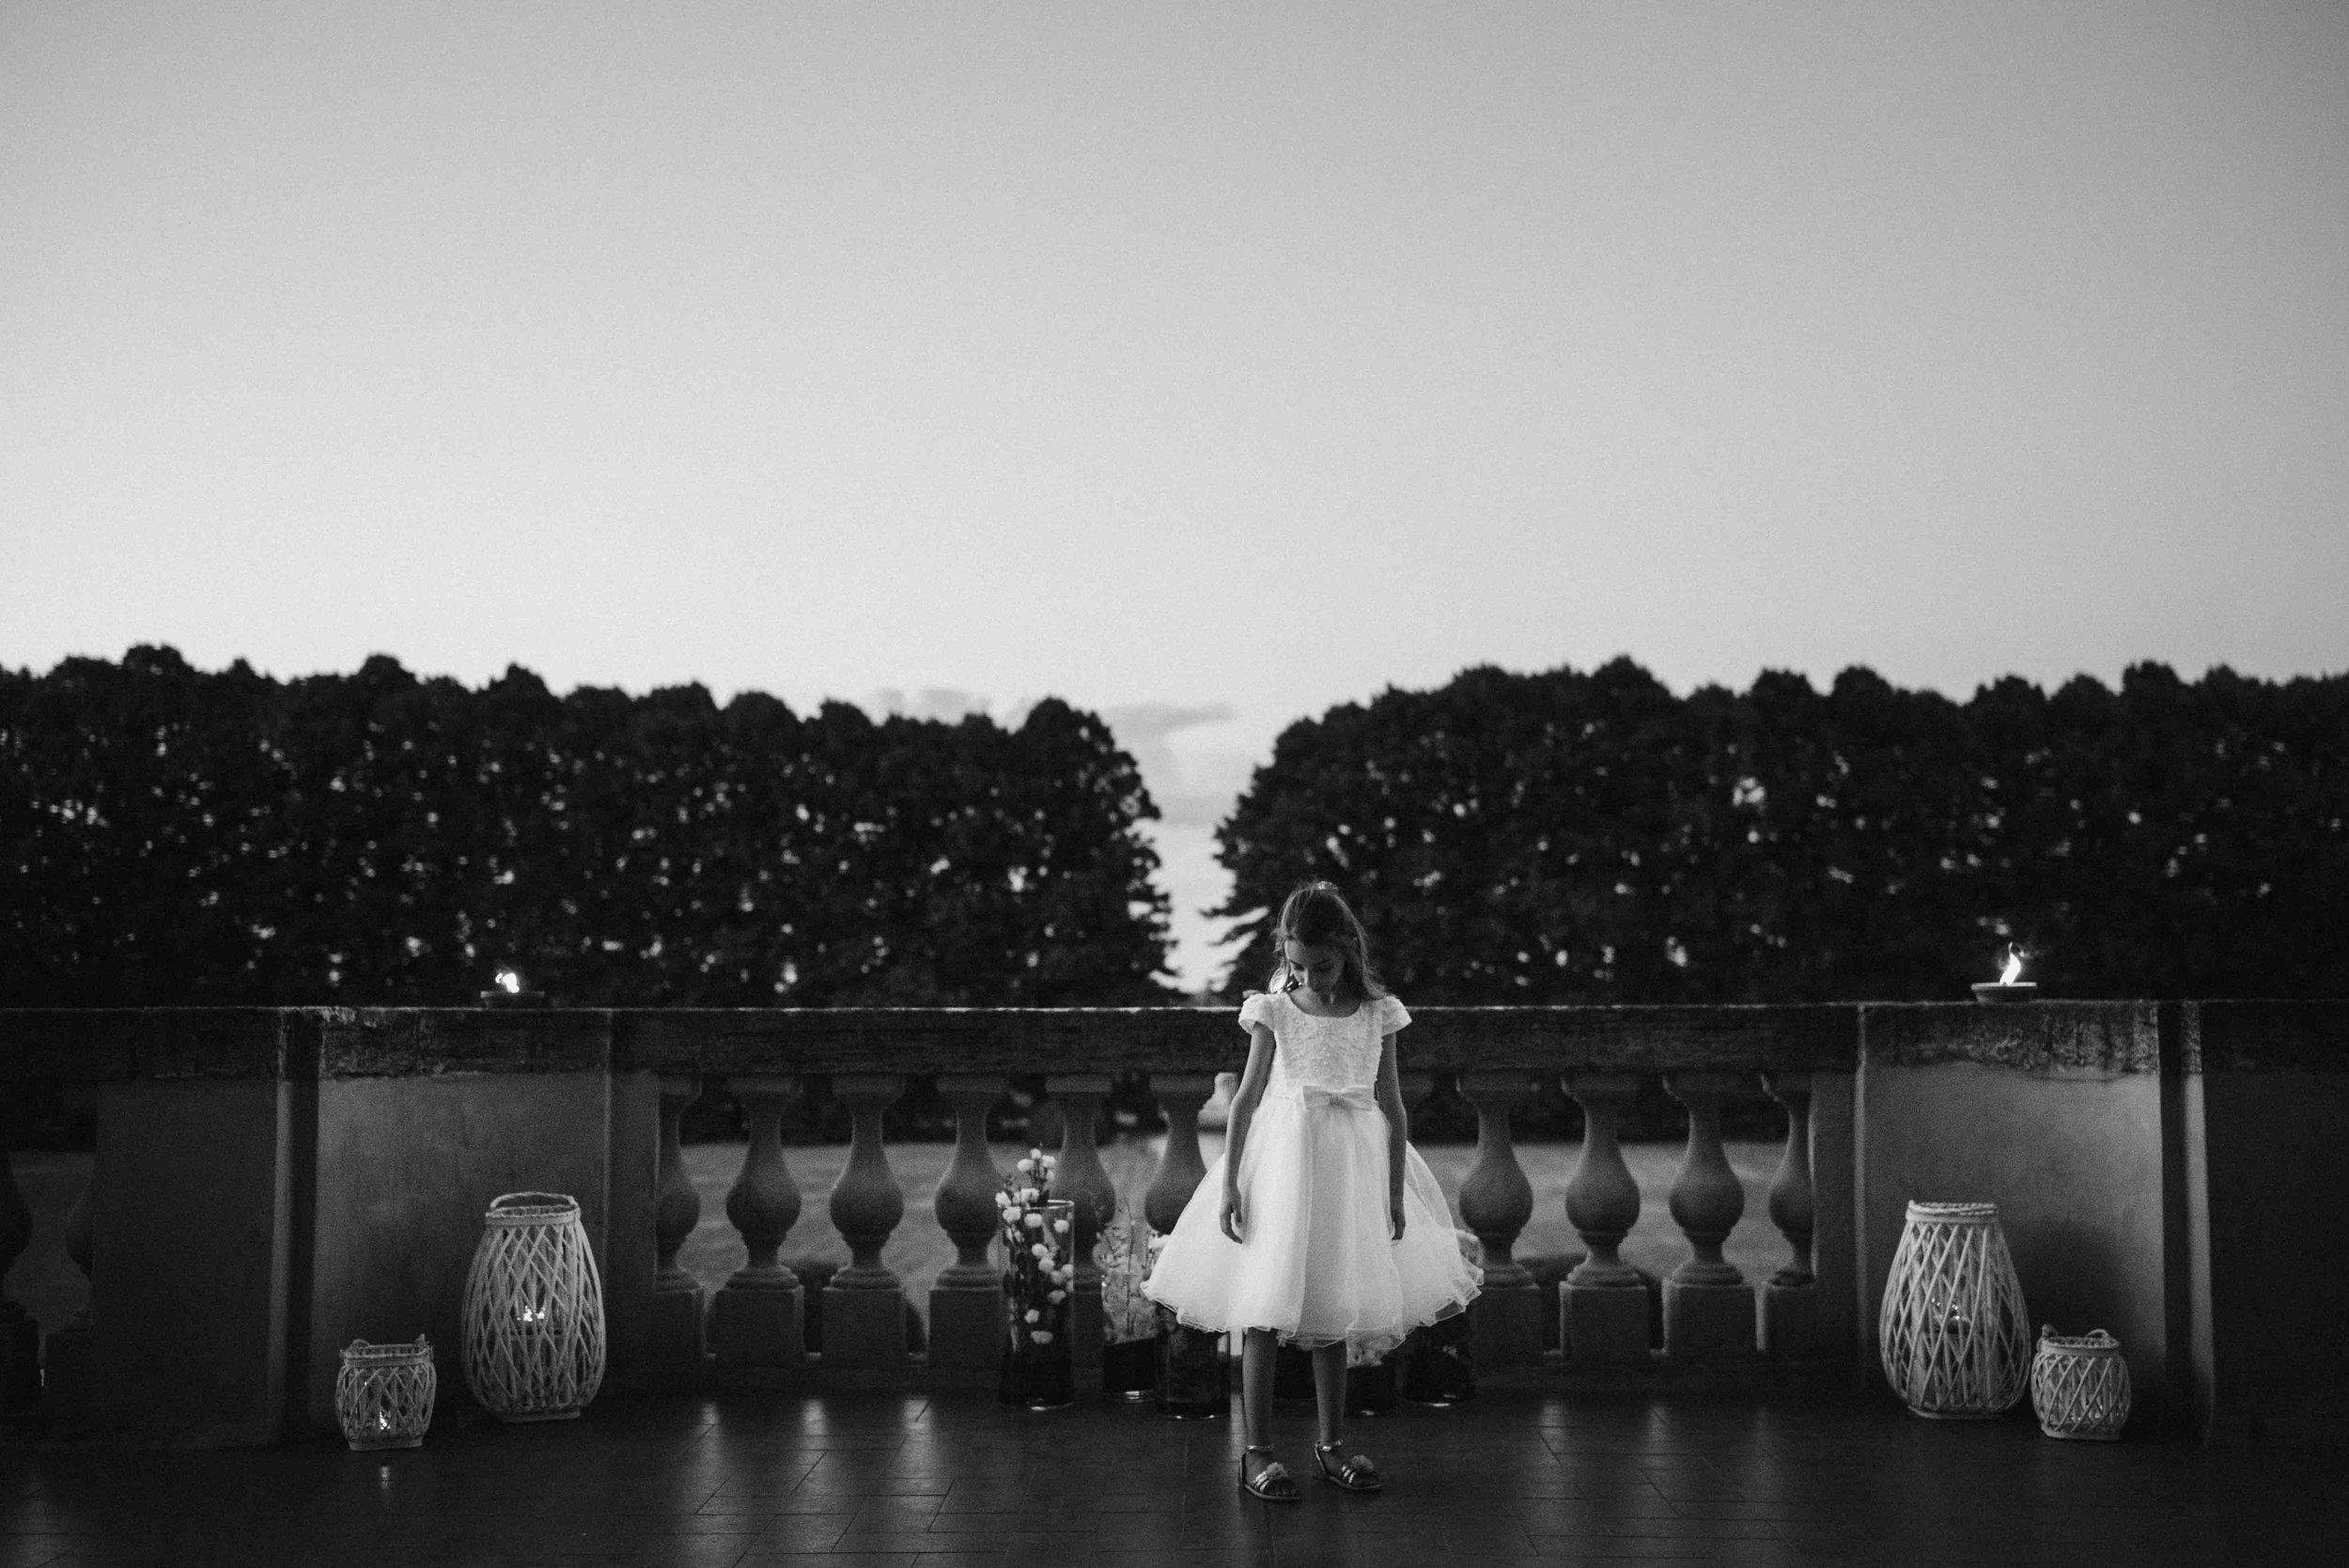 stefano-torreggiani-silvia-roli-palazzo-albergati-fotografo-di-matrimonio (25).jpg